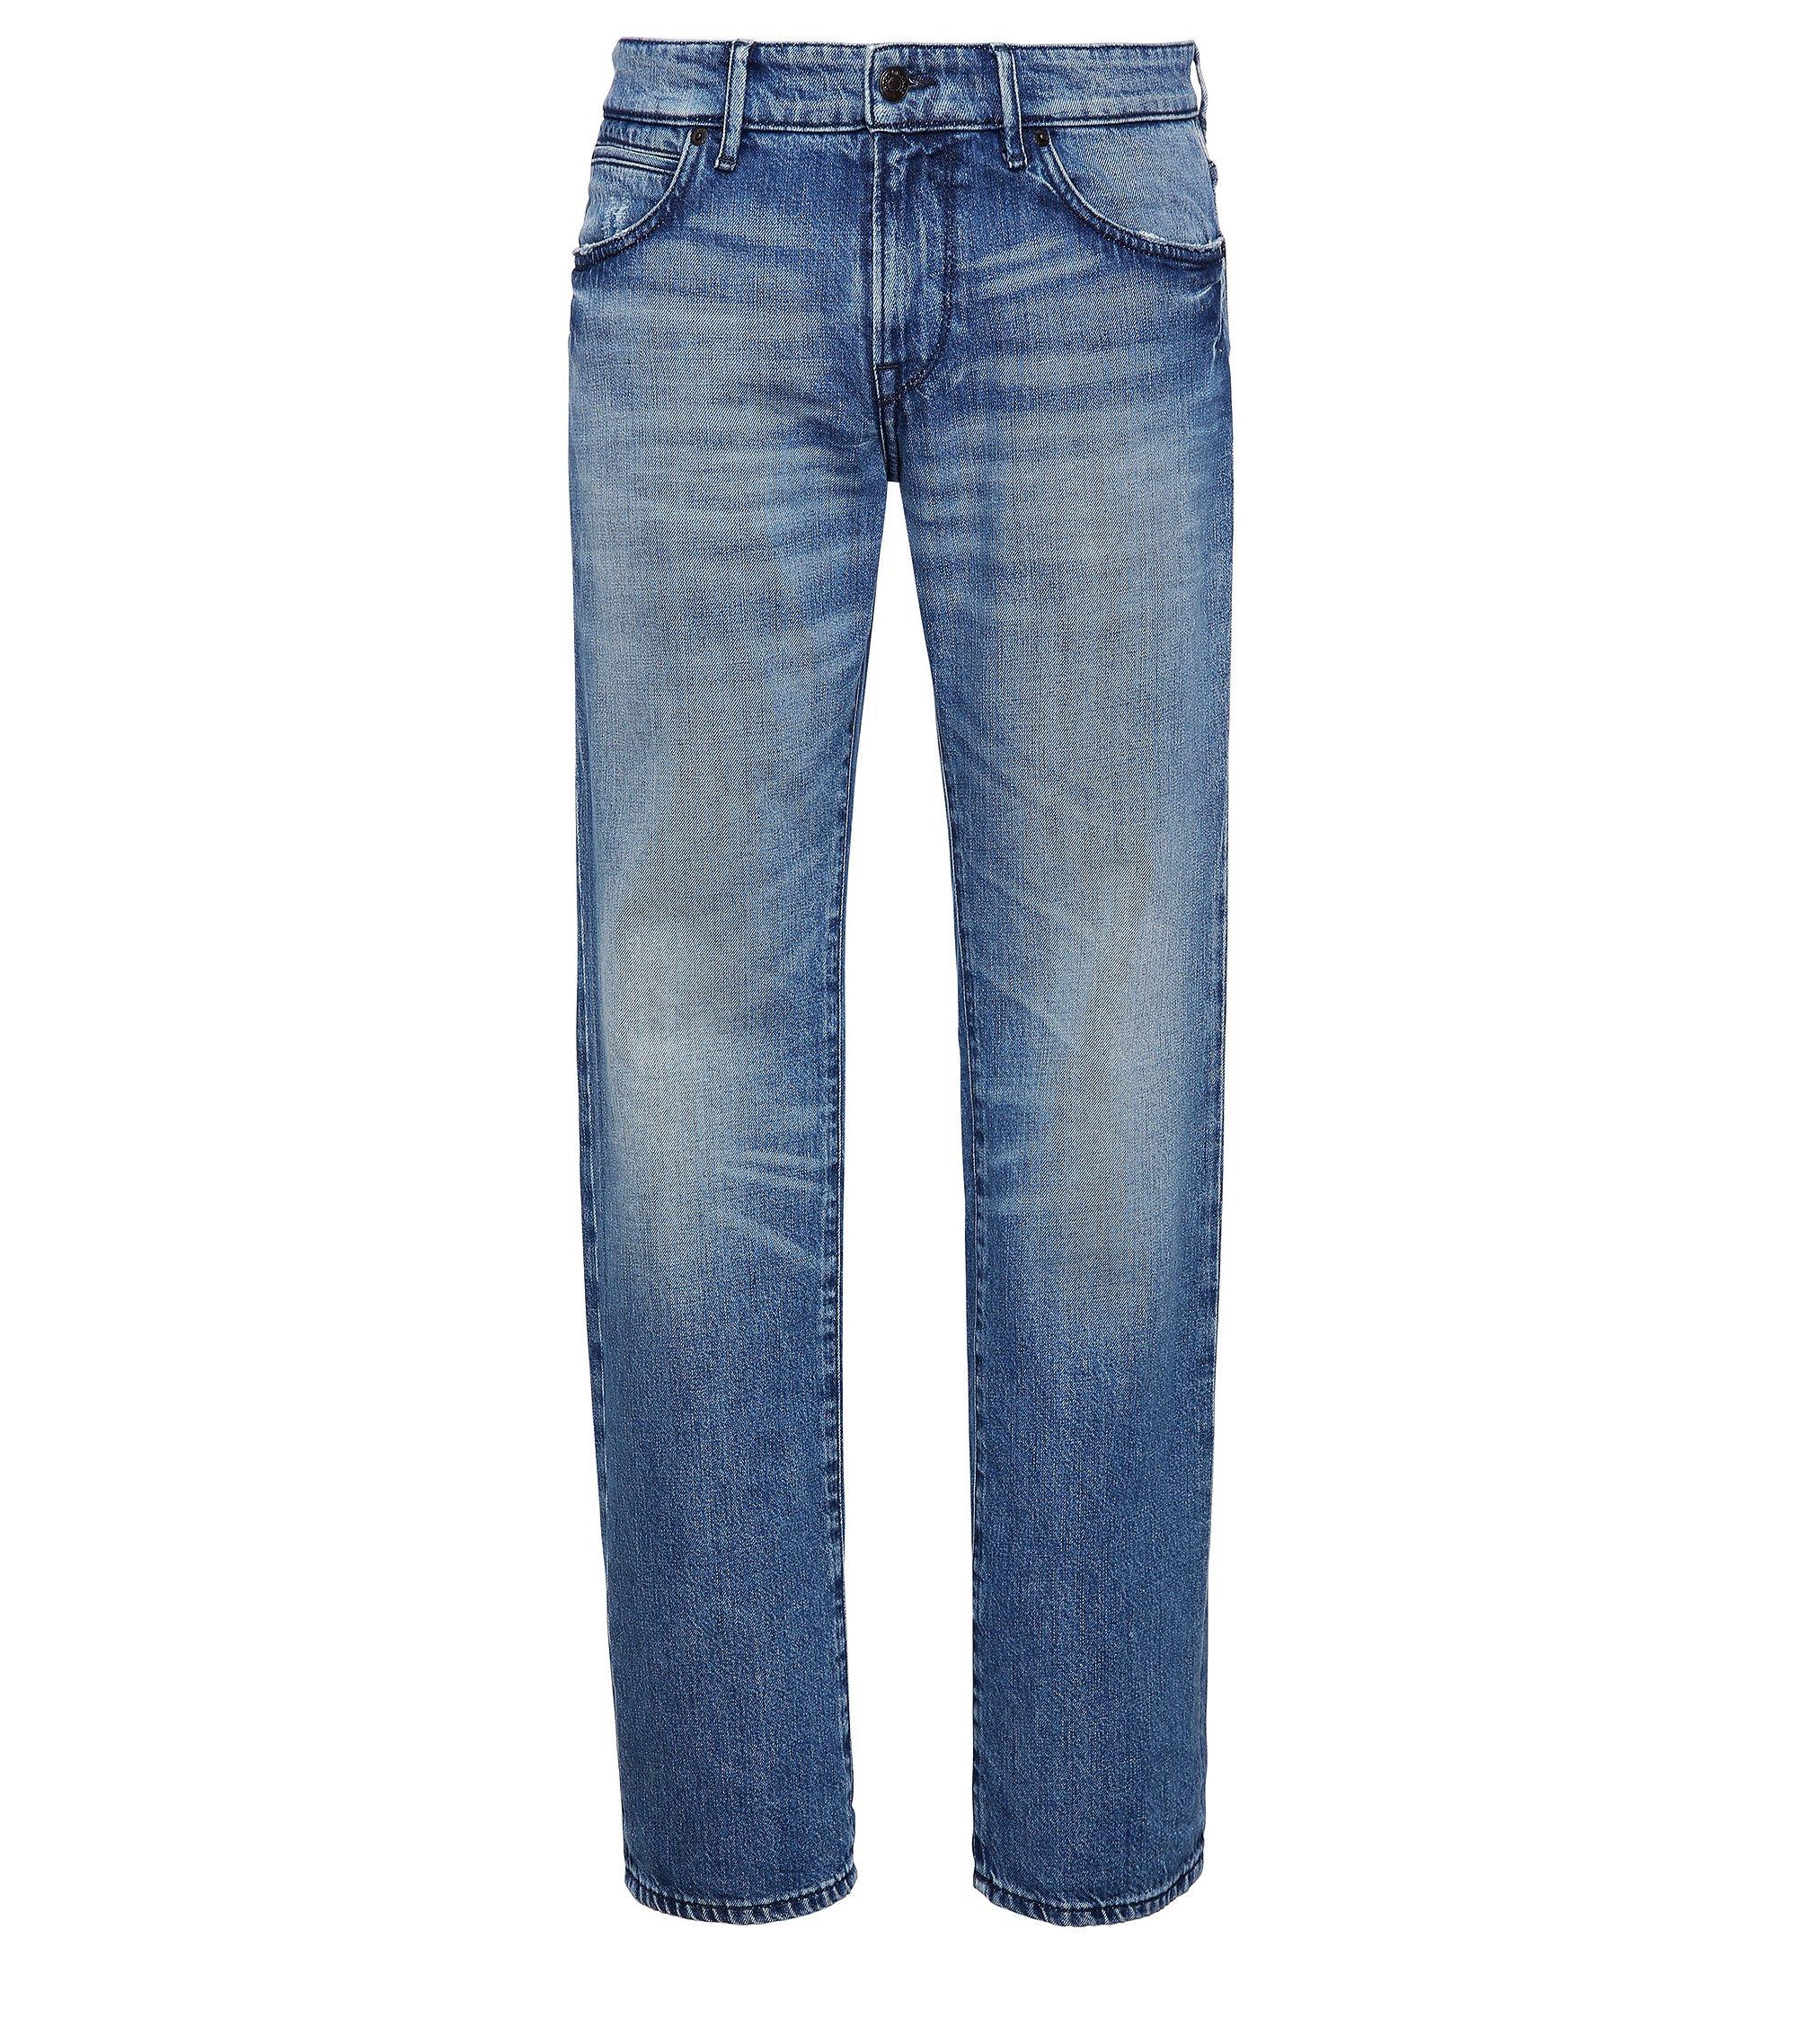 Stretch Cotton Jeans, Regular Fit | Orange 24 Barcelona, Blue